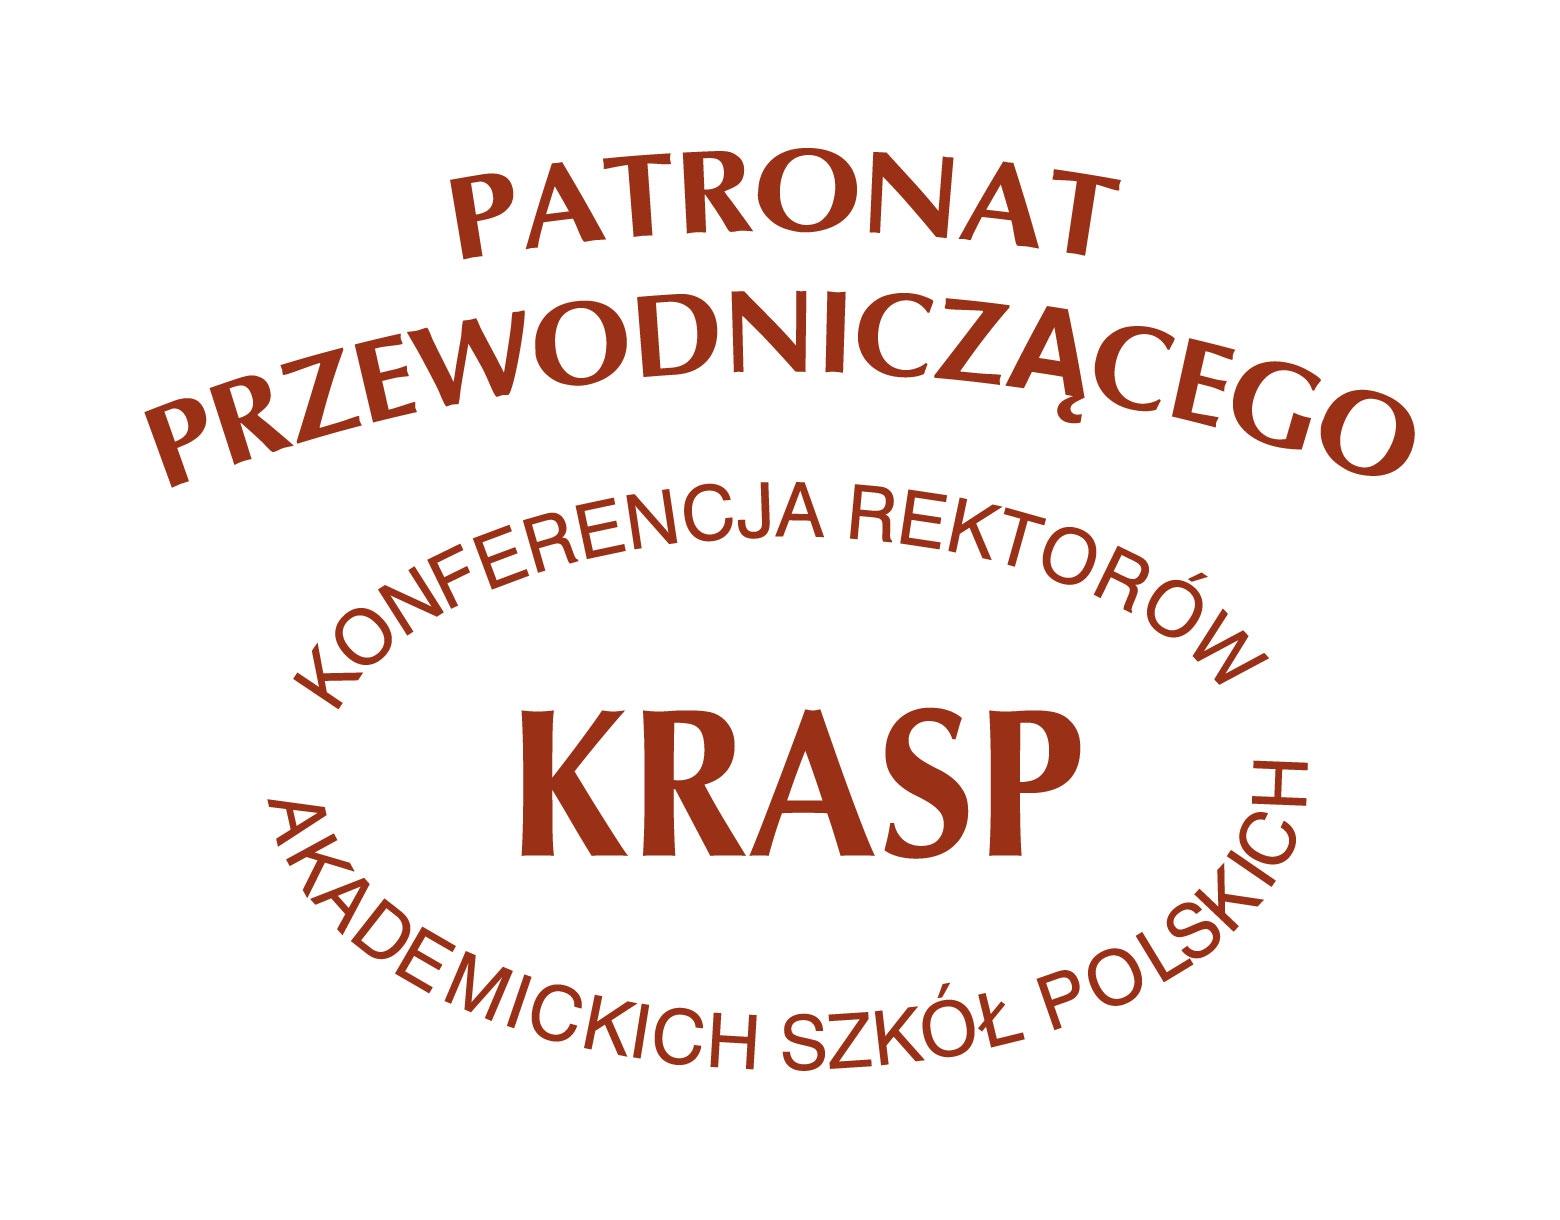 logo-patronat-przewodniczacy-krasp